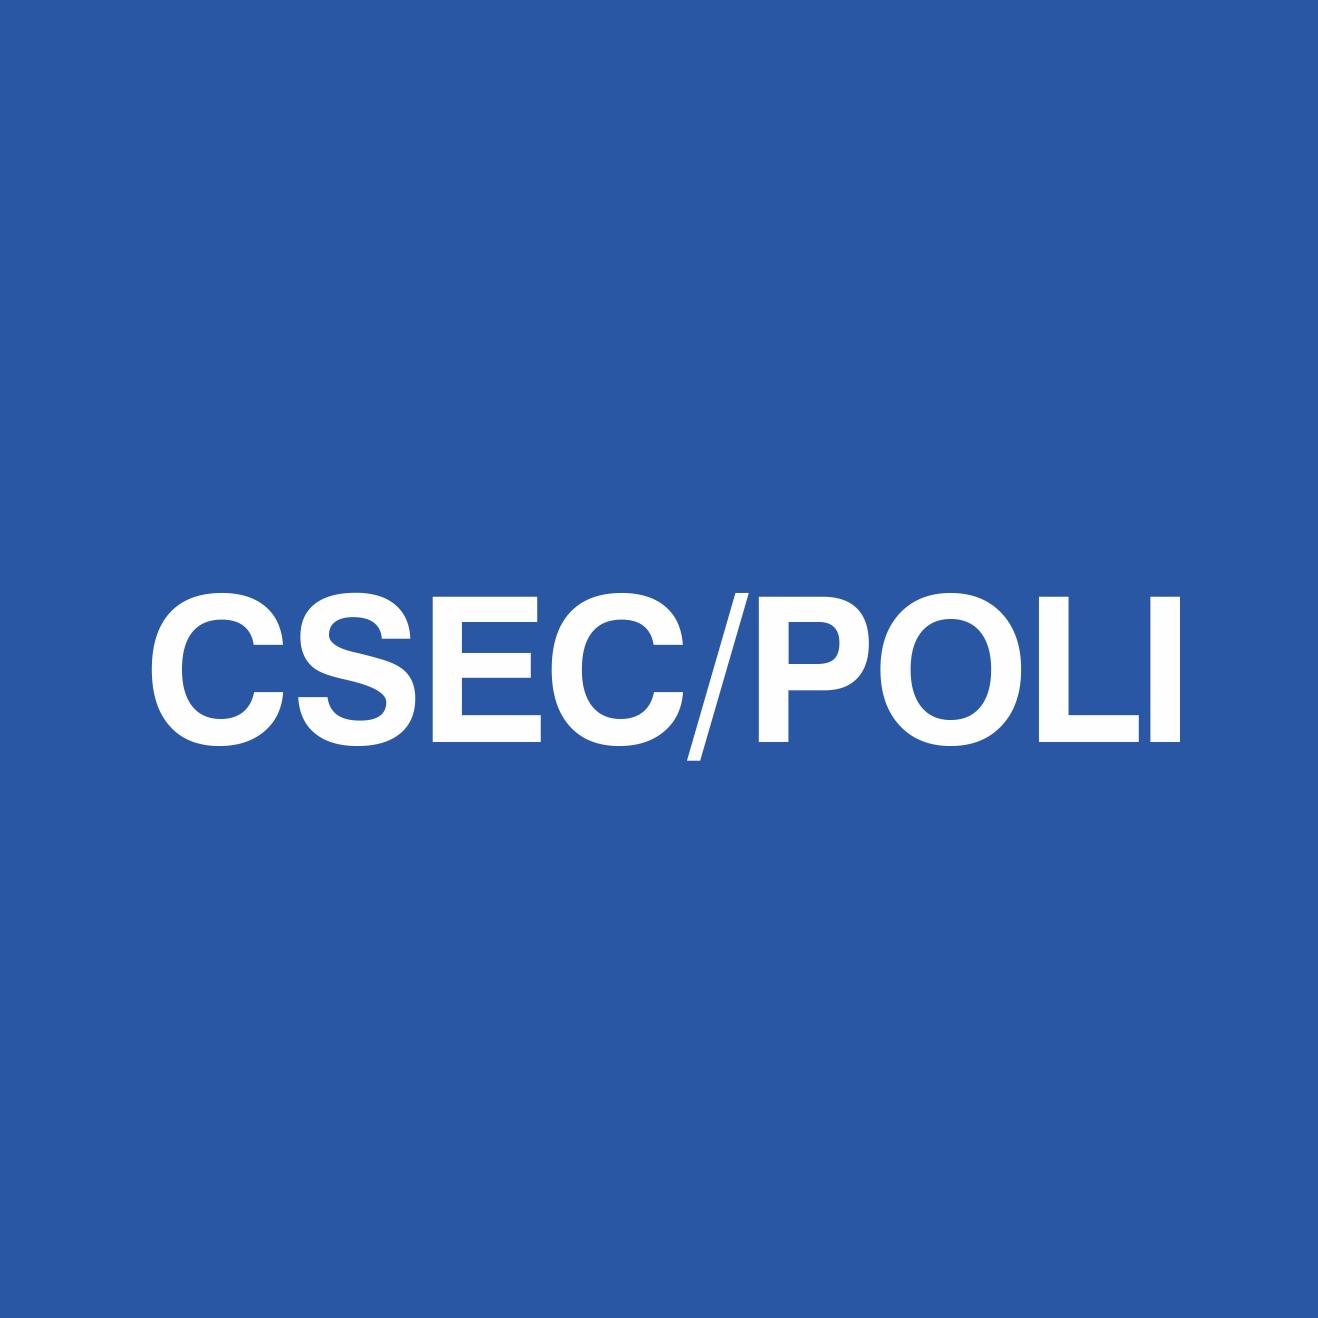 csecpoli